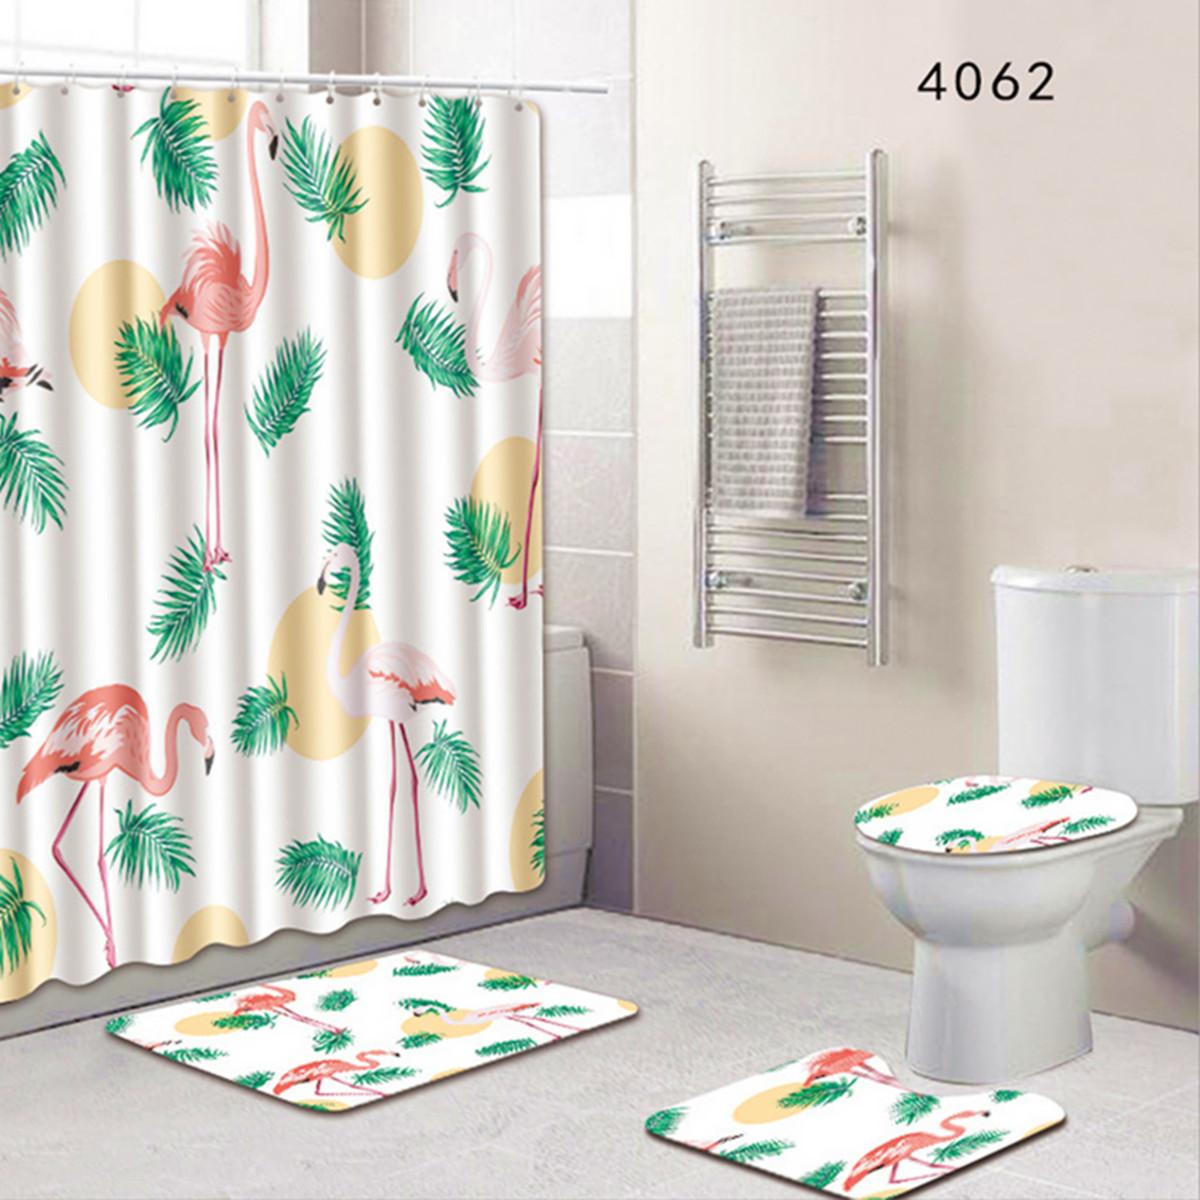 Panneaux Stratifies Salle De Bain Leroy Merlin ~ neufu set 4pcs rideau de douche tapis toilettes couvercle salle de